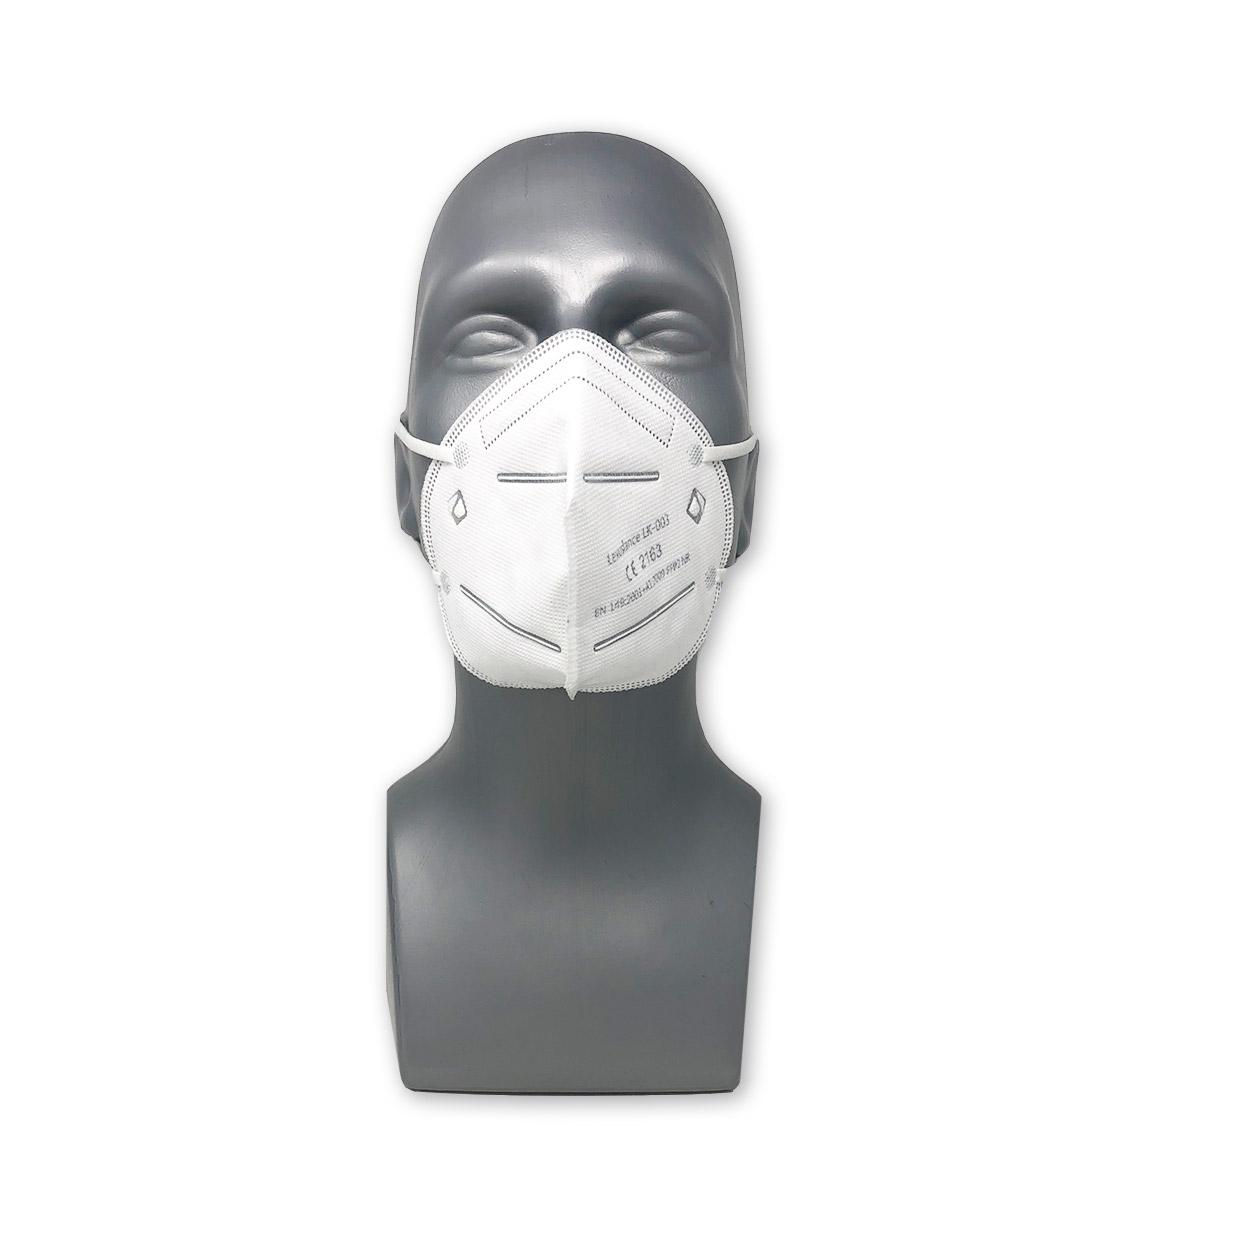 FFP2 Atemschutzmaske Lexuslance LK-003 - einzeln verpackt